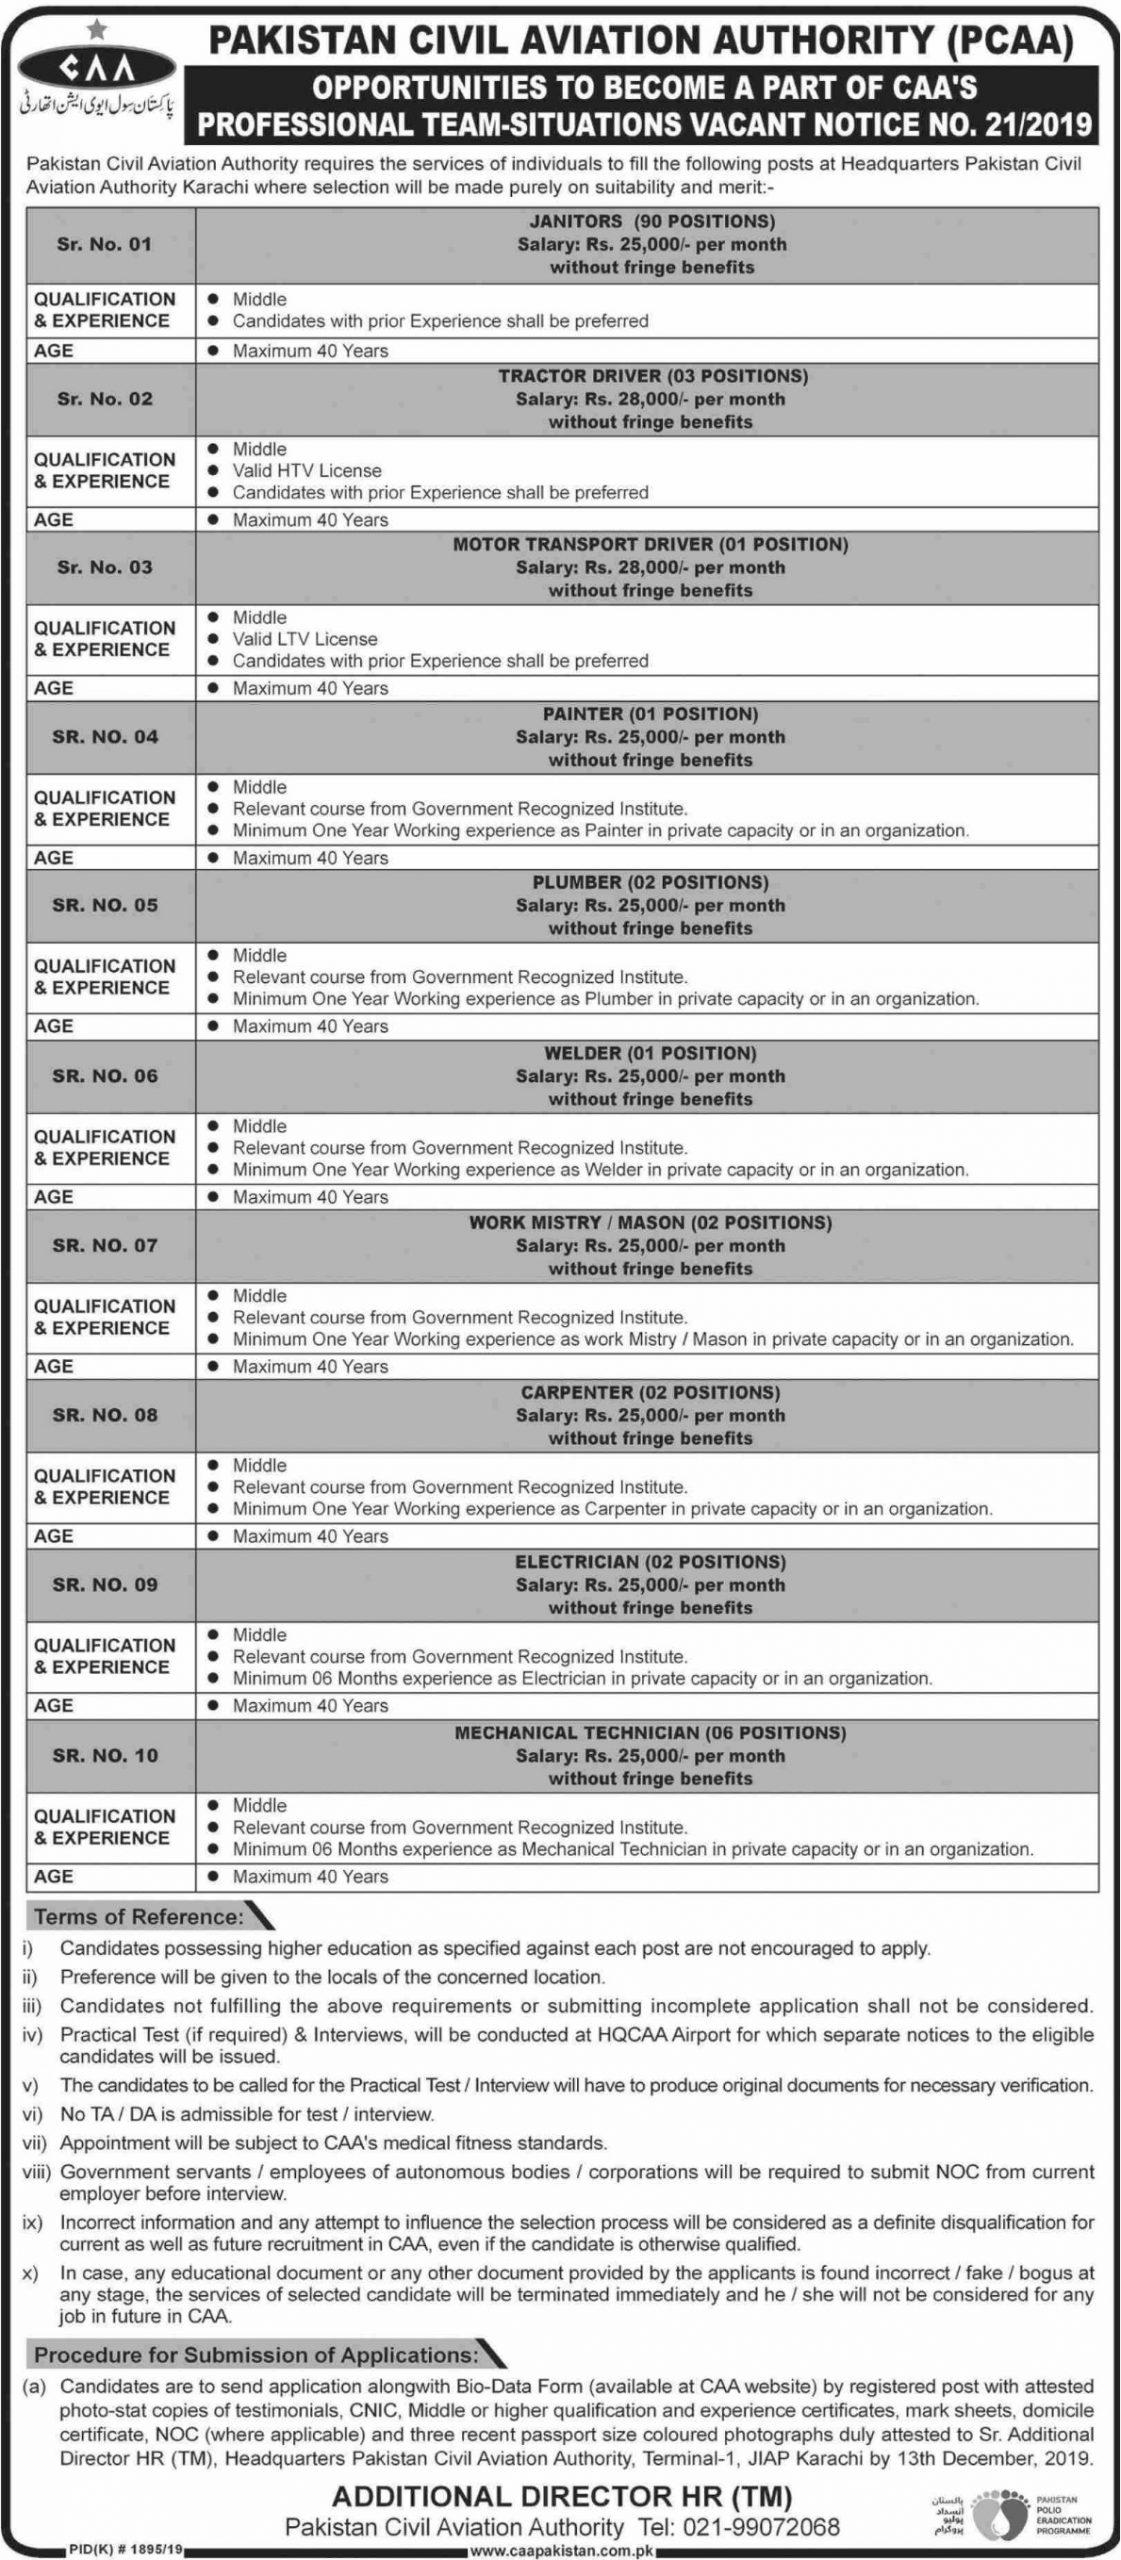 Latest Jobs in Pakistan-Civil-Aviation-Authority-PCAA 2019